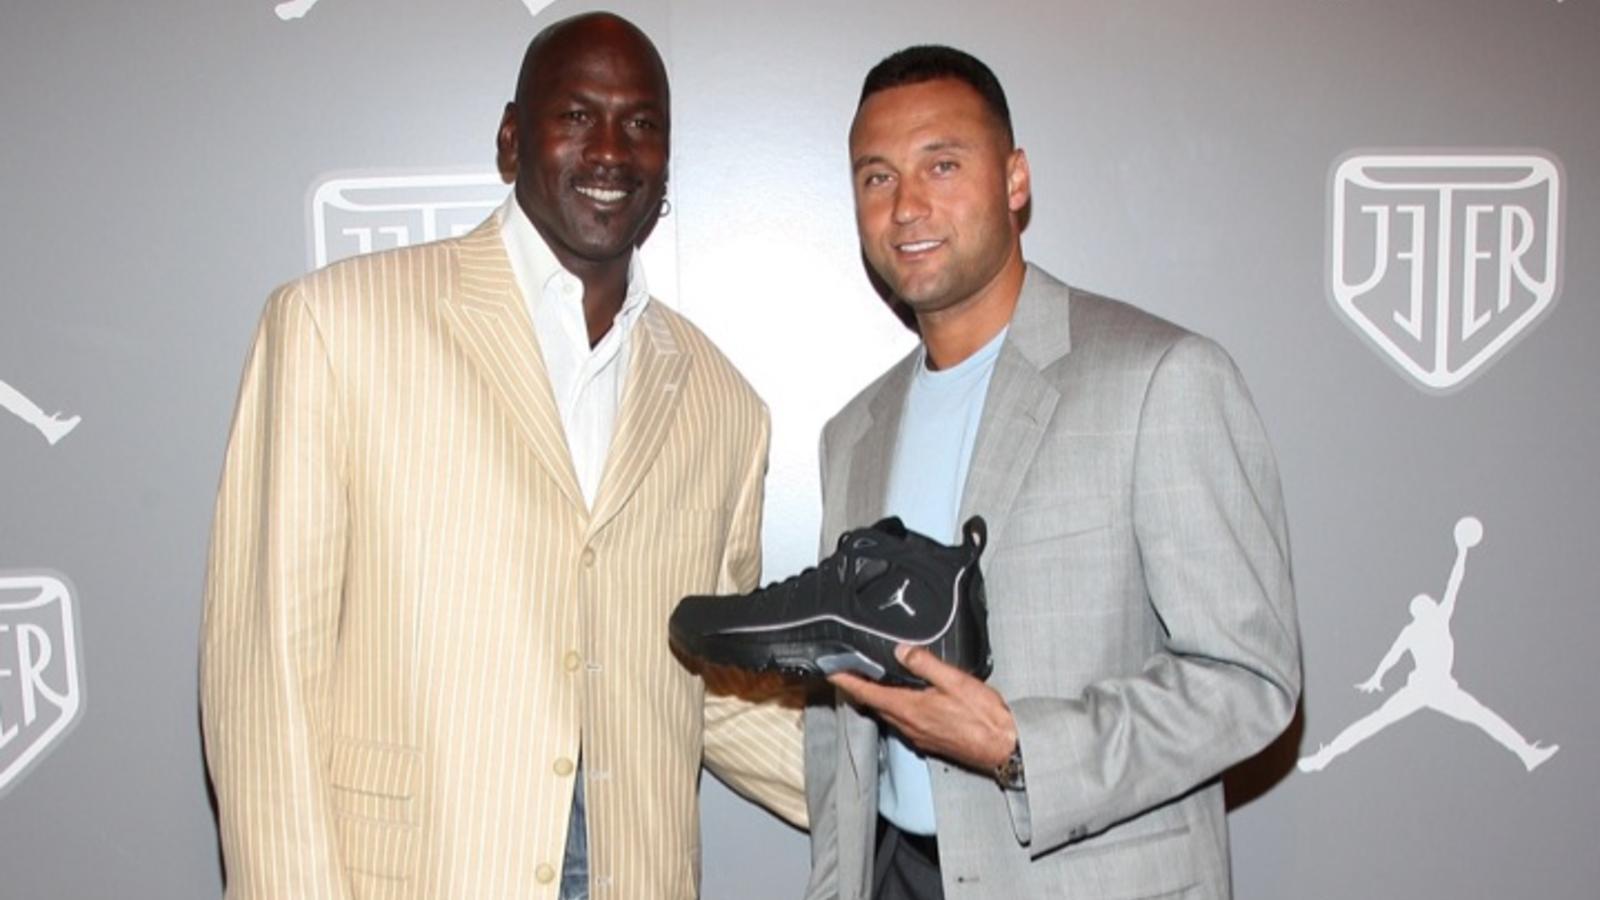 Michael Jordan and Derek Jeter